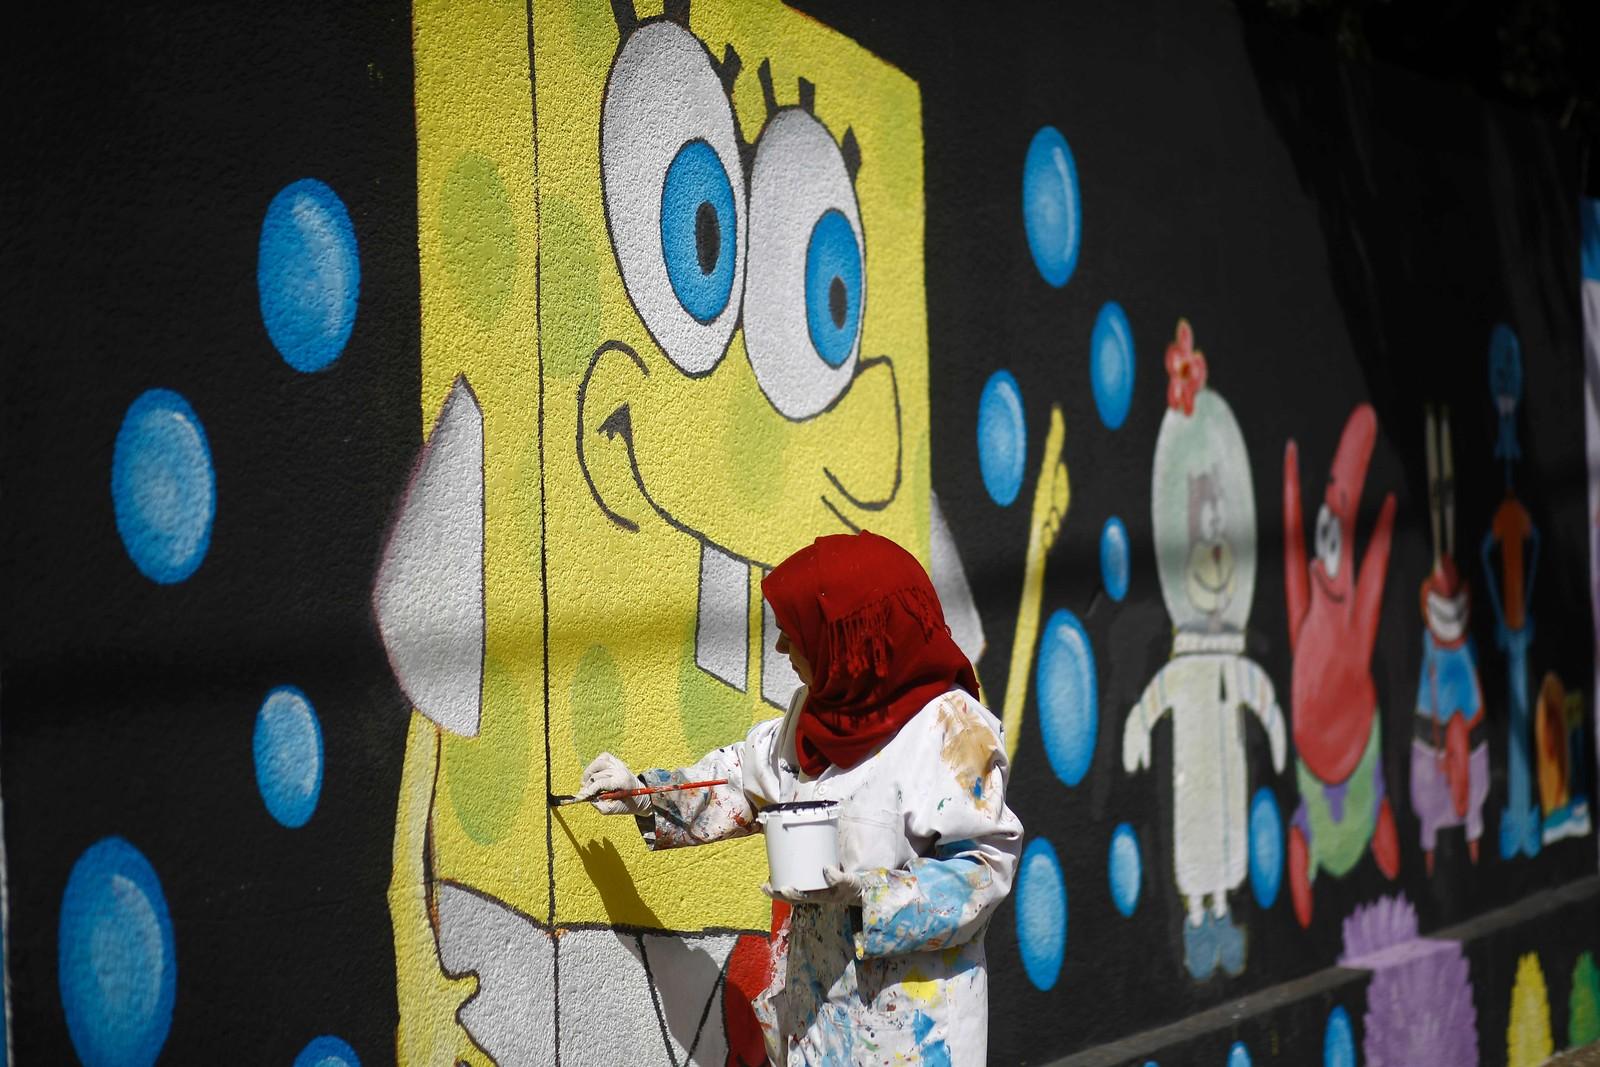 En palestinsk kunstner maler barne-TV-figuren Svampebob på veggen til en skole drevet av FN (UNRWA) i Gaza by.